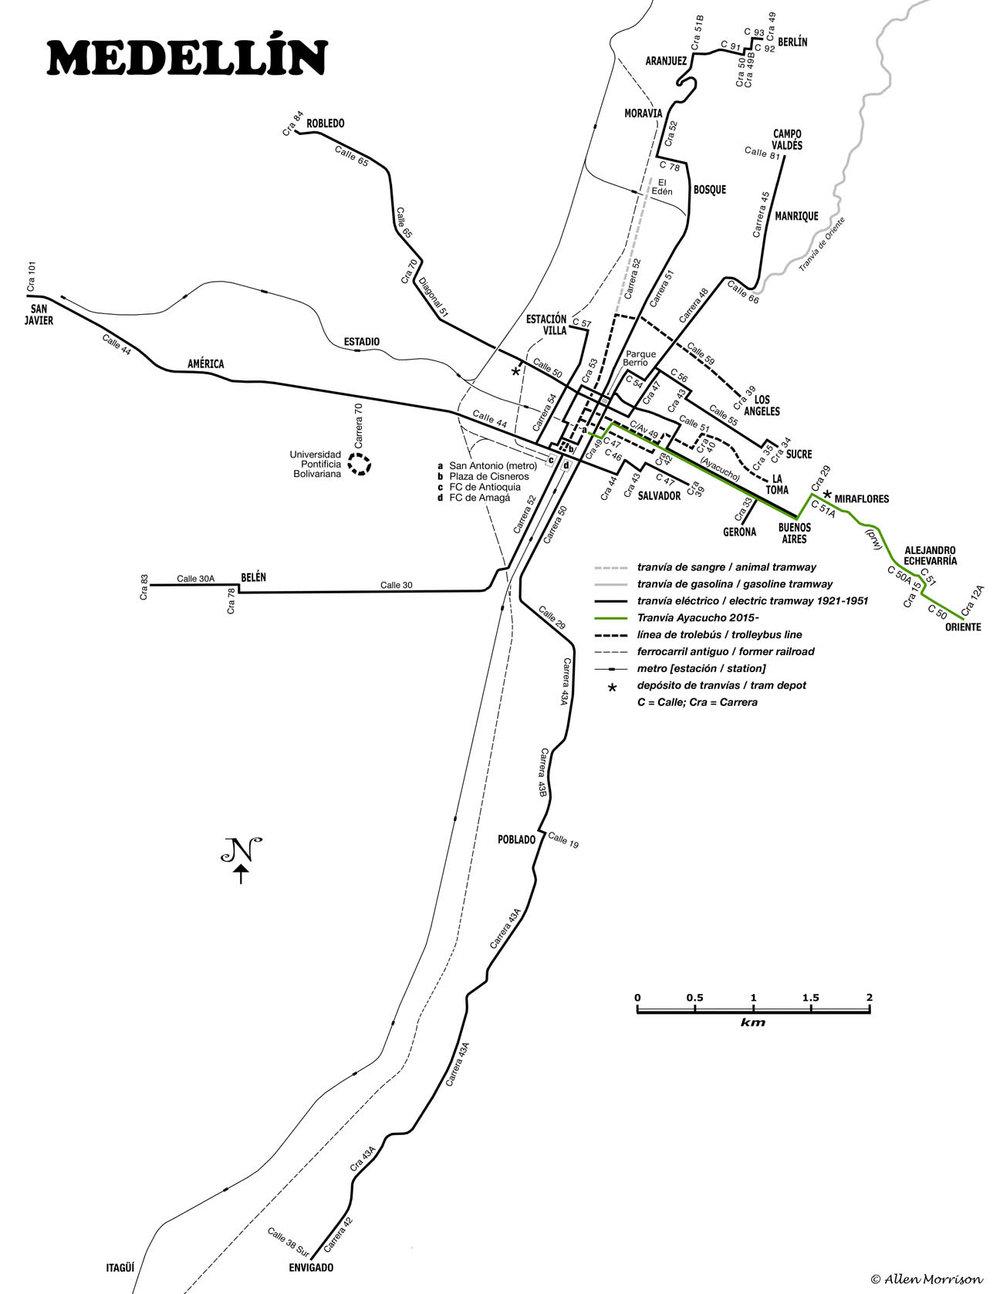 Přehledná mapa zobrazuje jak tratě, na kterých operovala koňka, tak i ty, na kterých byly k vidění tramvaje poháněné elektřinou či benzínem. Stejně tak je možné zjistit přesnou pozici dnešní tramvaje na pneumatikách, ale i místa, kterými se proháněly trolejbusy, či vlaky. Rovněž je zachycena pozice metra.(autor: Allen Morrison)